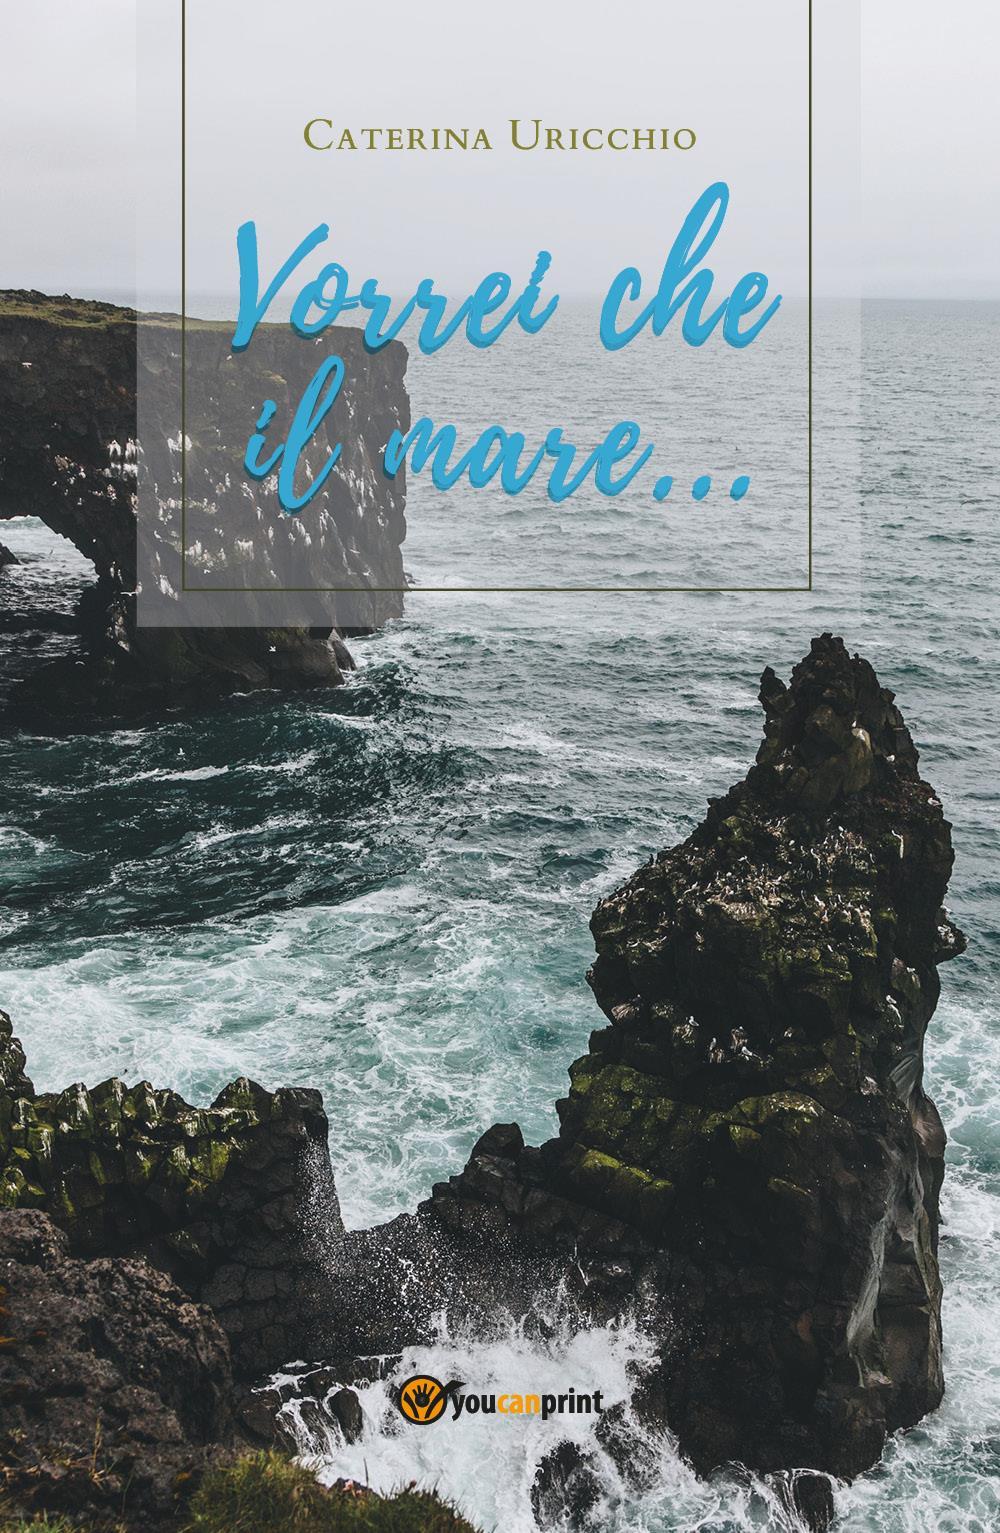 Vorrei che il mare...